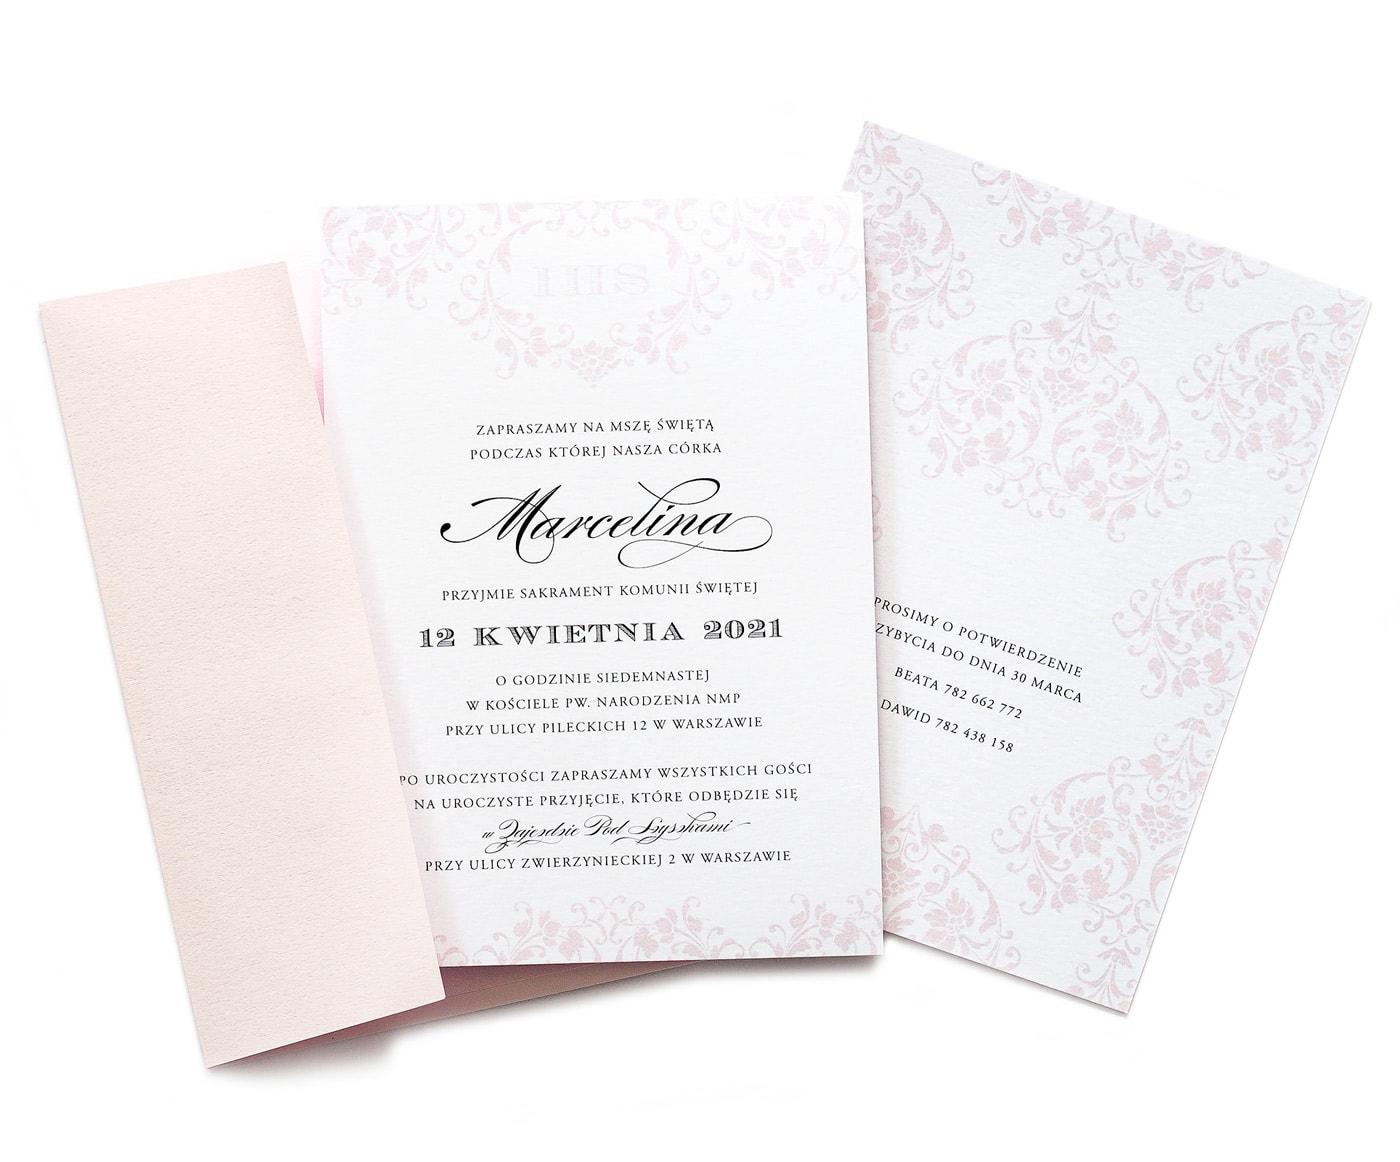 Zaproszenia na Komunię Świętą w kolorze różowym z ornamentami i ładną czcionką